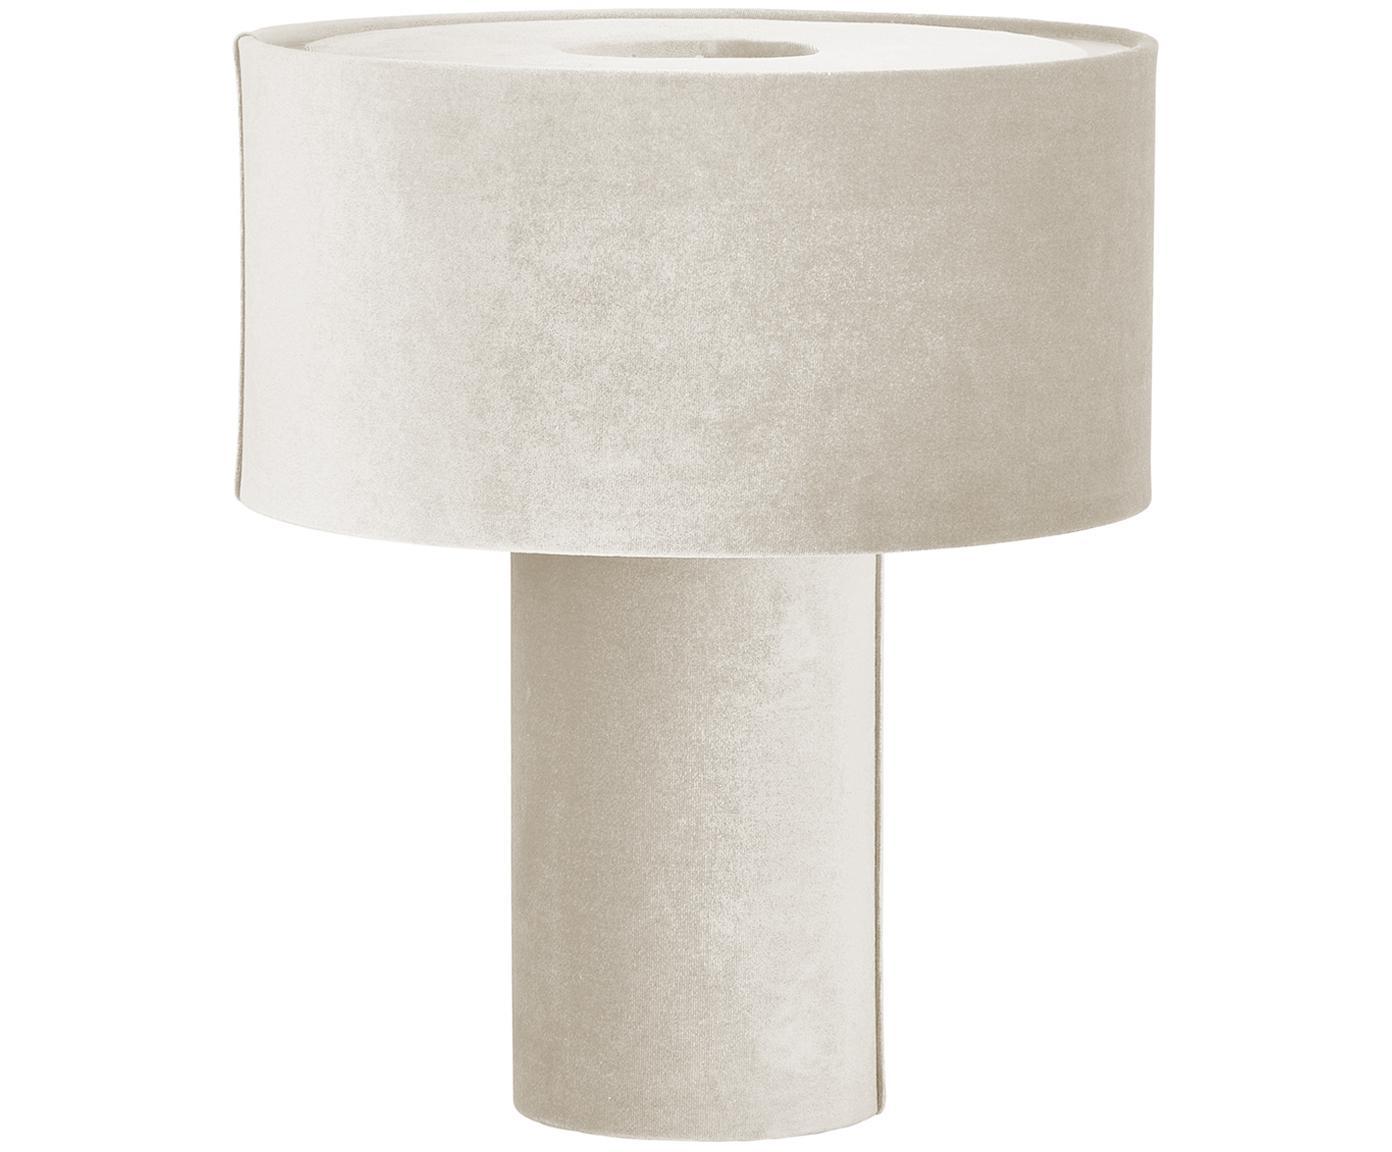 Lámpara de mesa de terciopelo Frida, Pantalla: terciopelo, Cable: cubierto en tela, Beige, Ø 30 x Al 36 cm